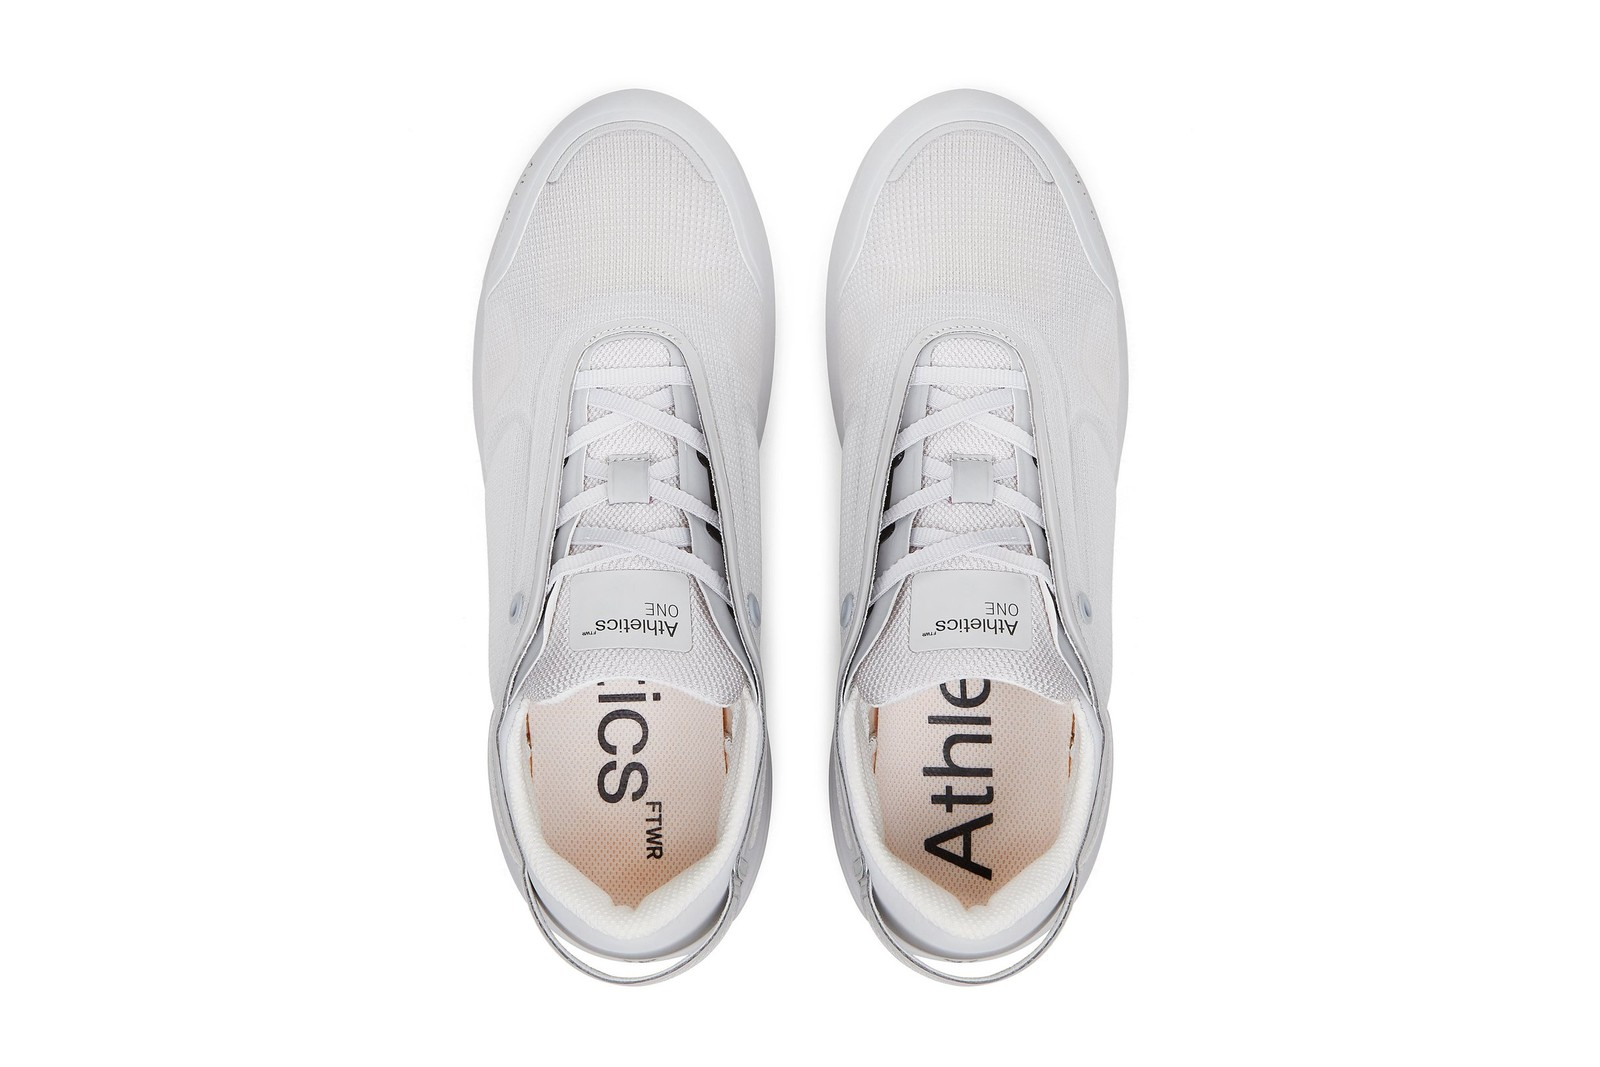 近期值得关注的 7 个小众鞋履品牌推介